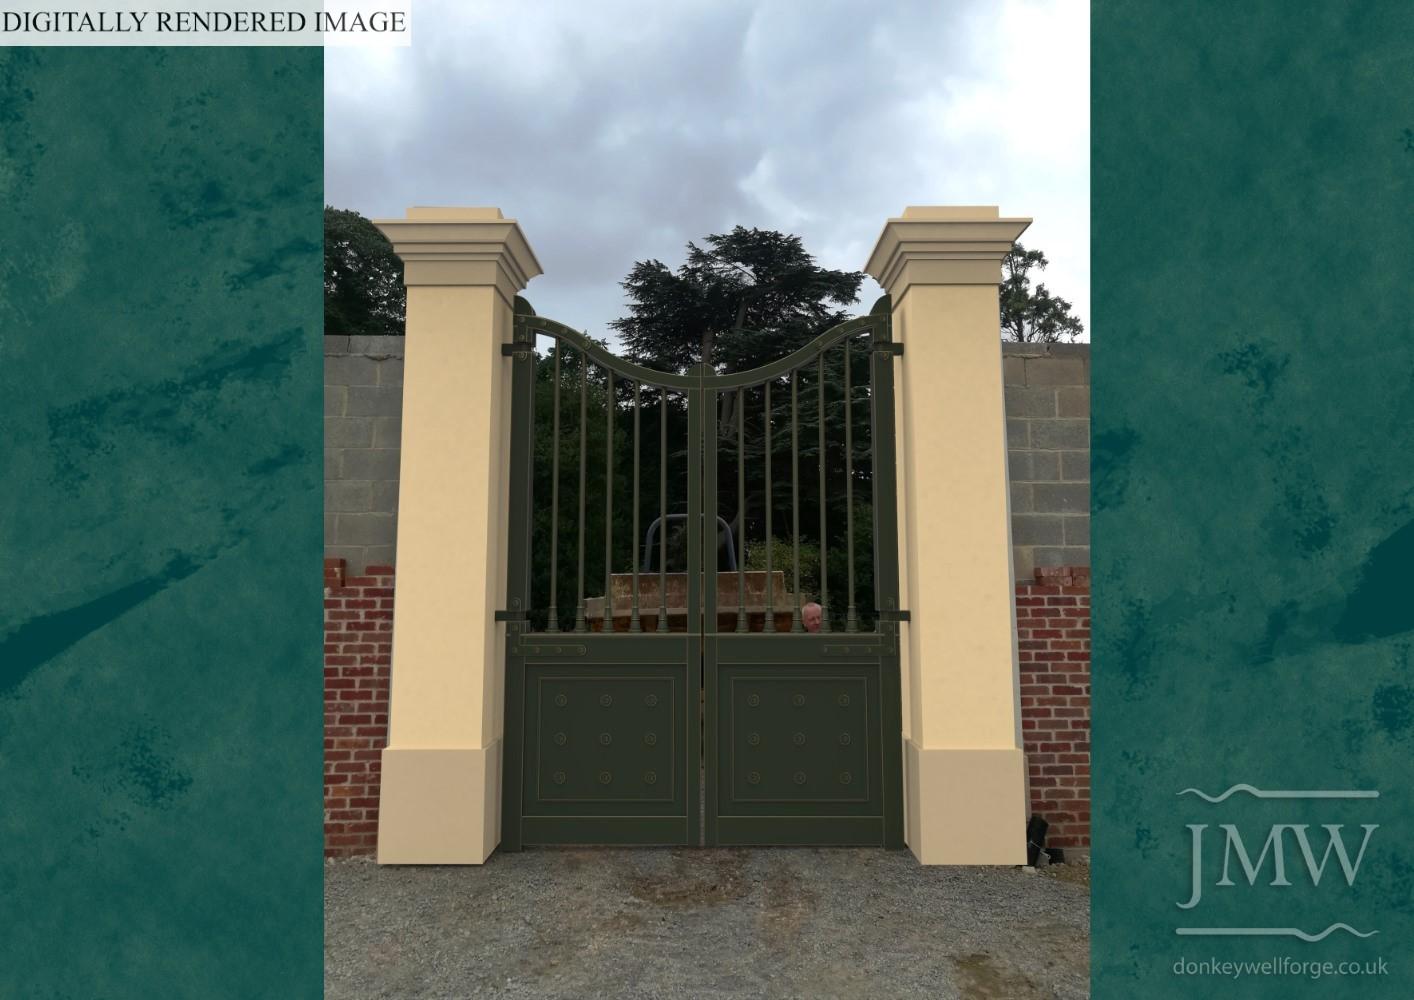 digital-rendered-image-large-iron-estate-gates